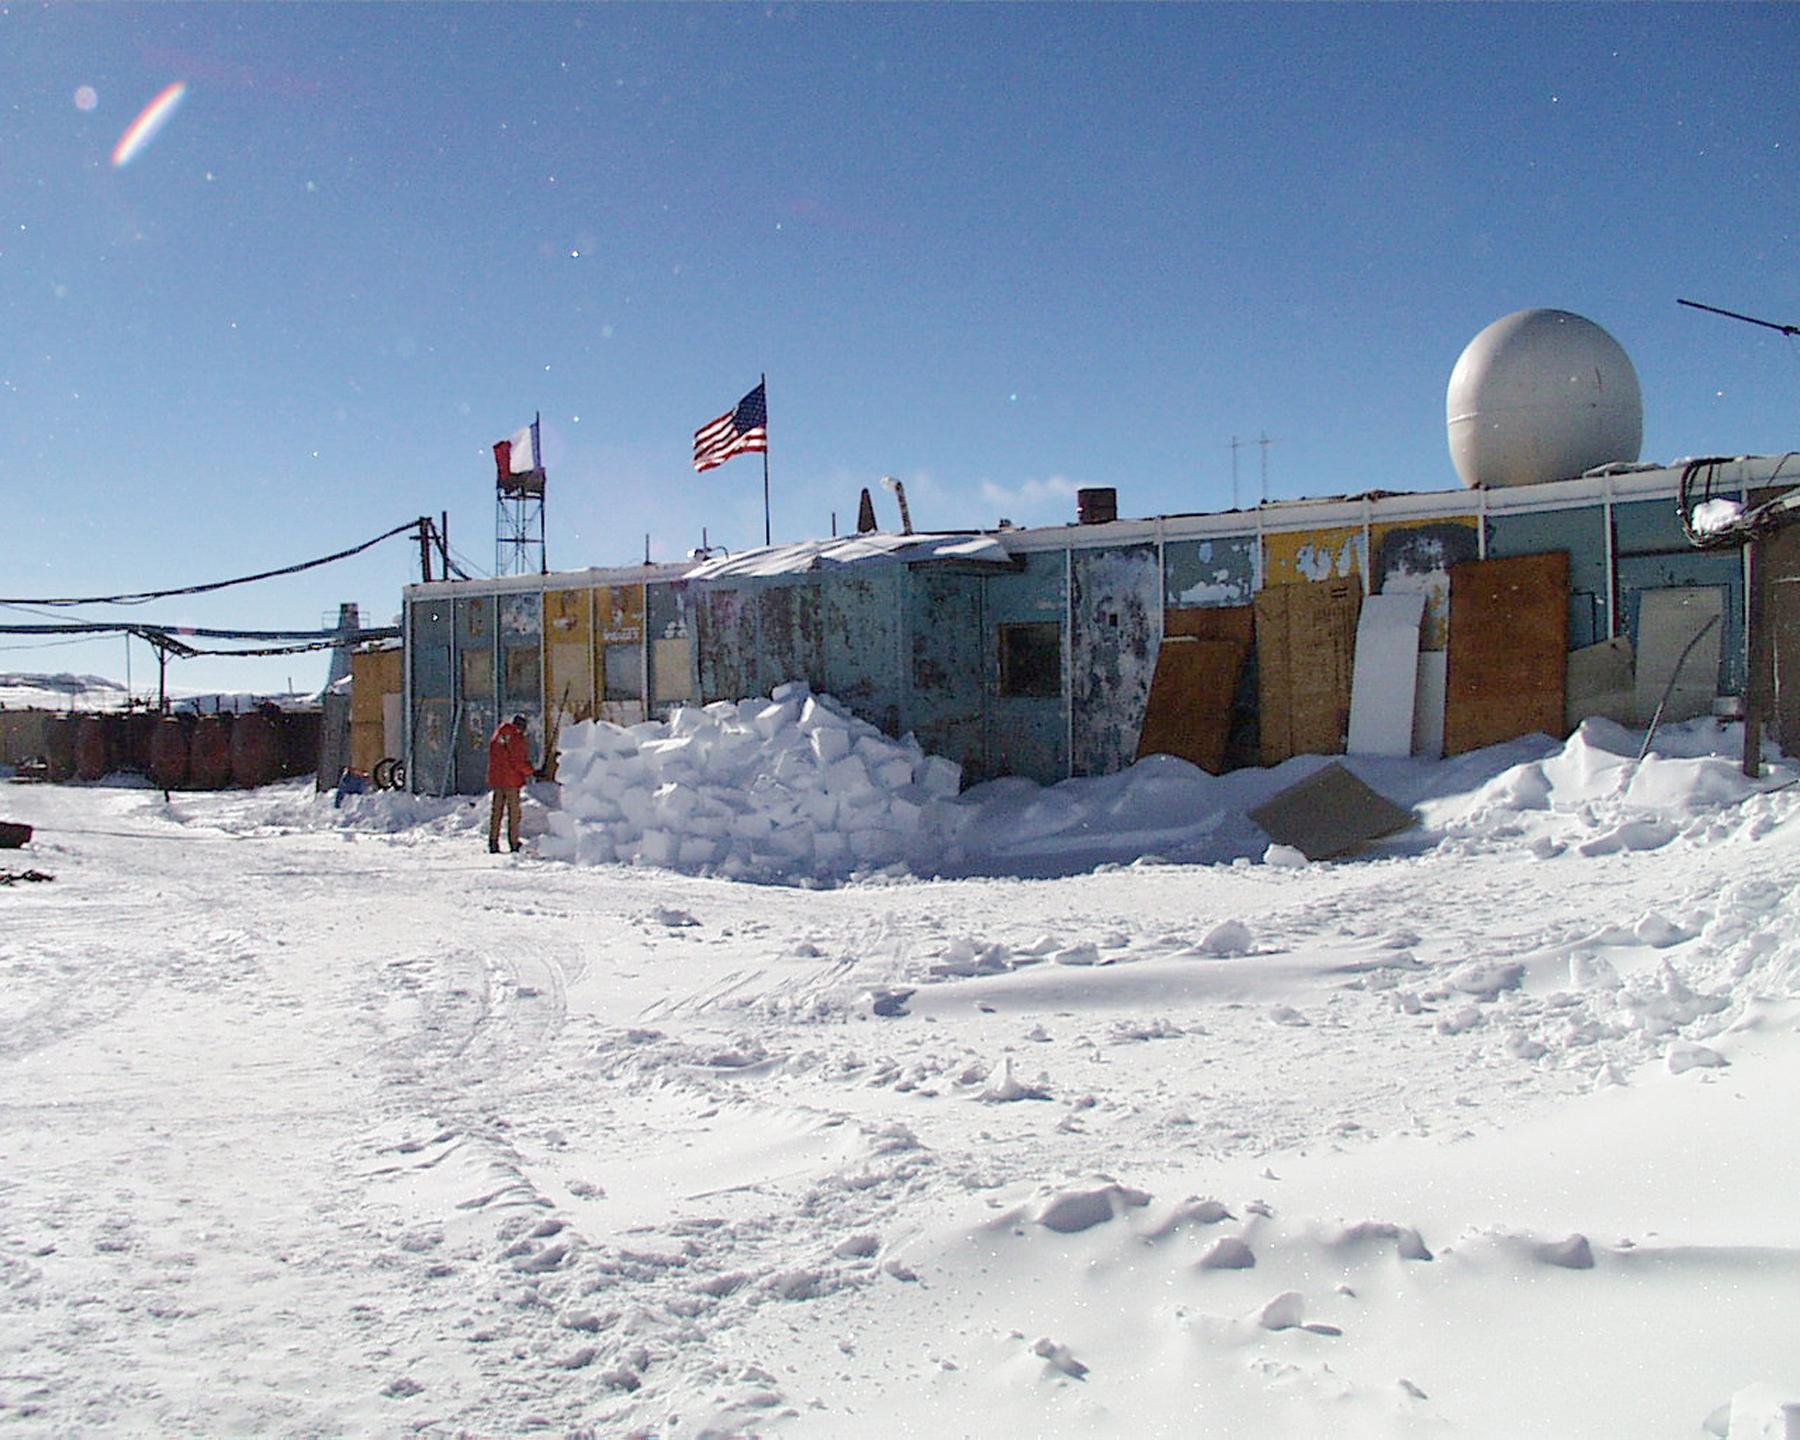 Vostok Station Shelter